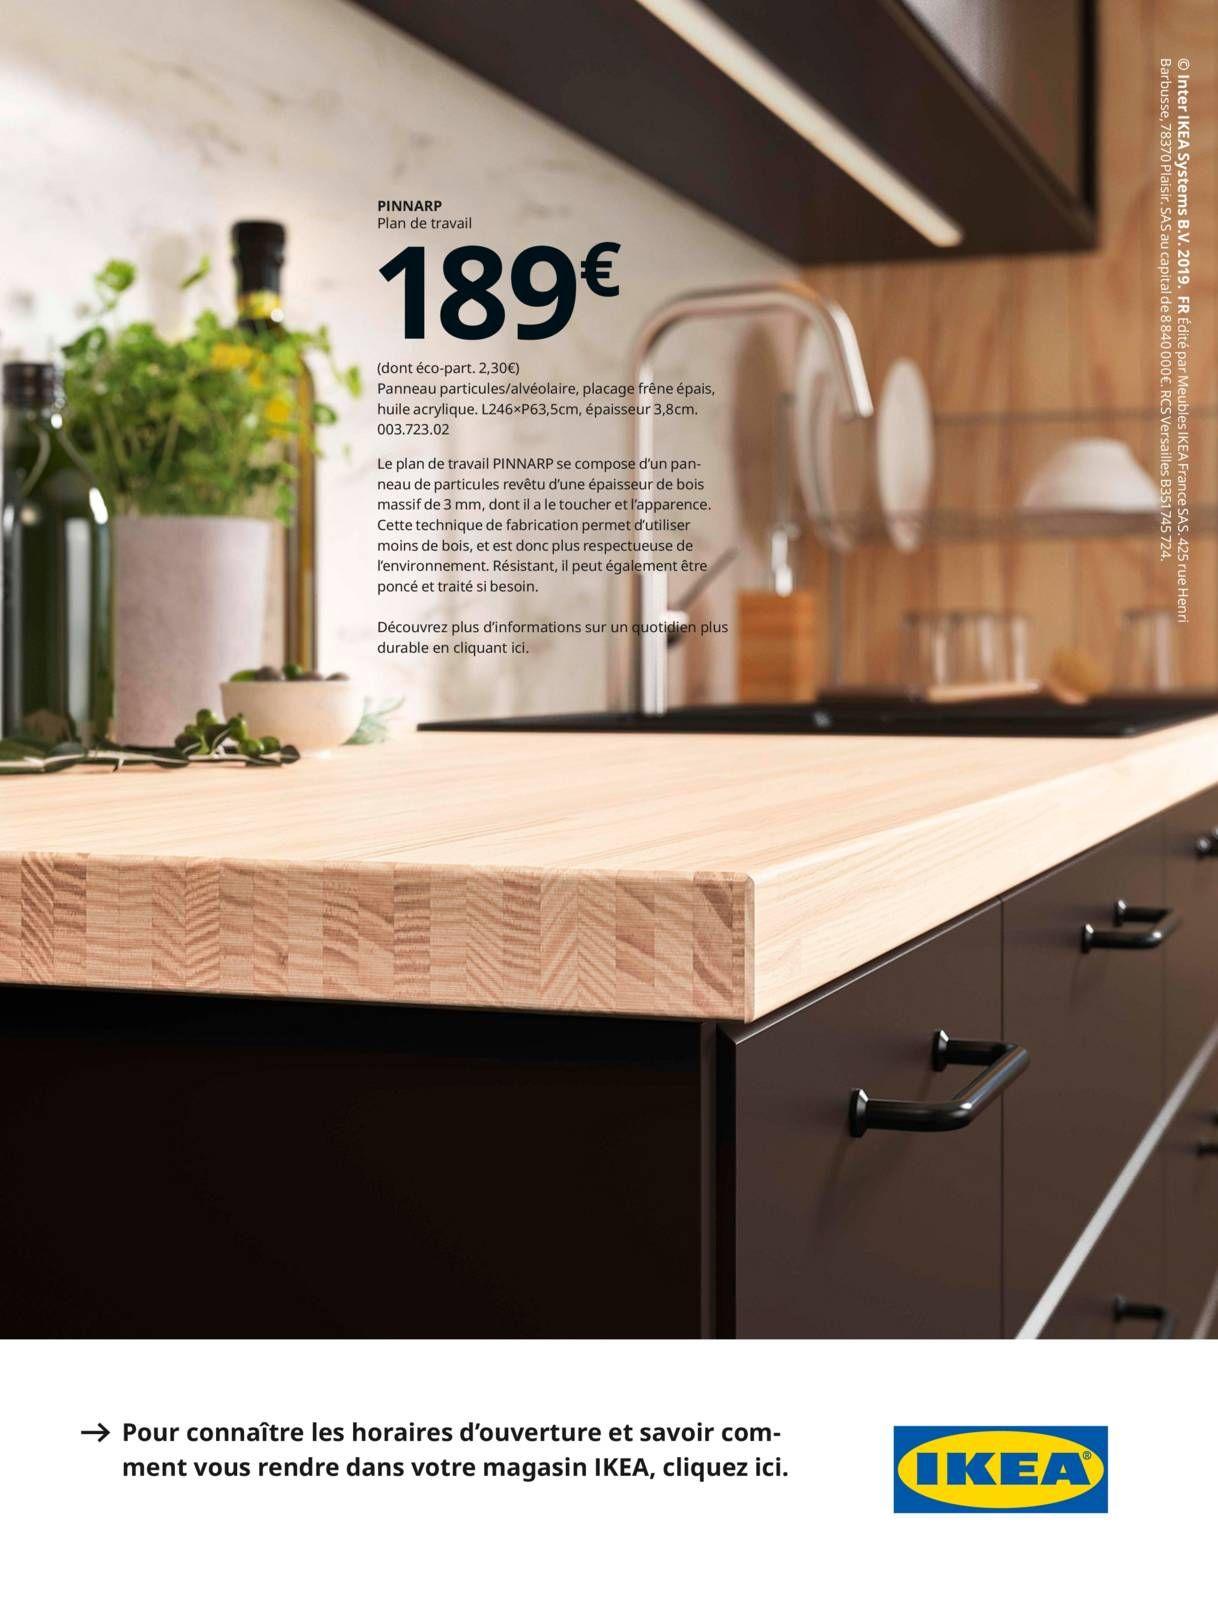 Cuisines 2020 Brochure Cuisines Ikea 2020 In 2020 Cuisine Ikea Kitchen Ikea